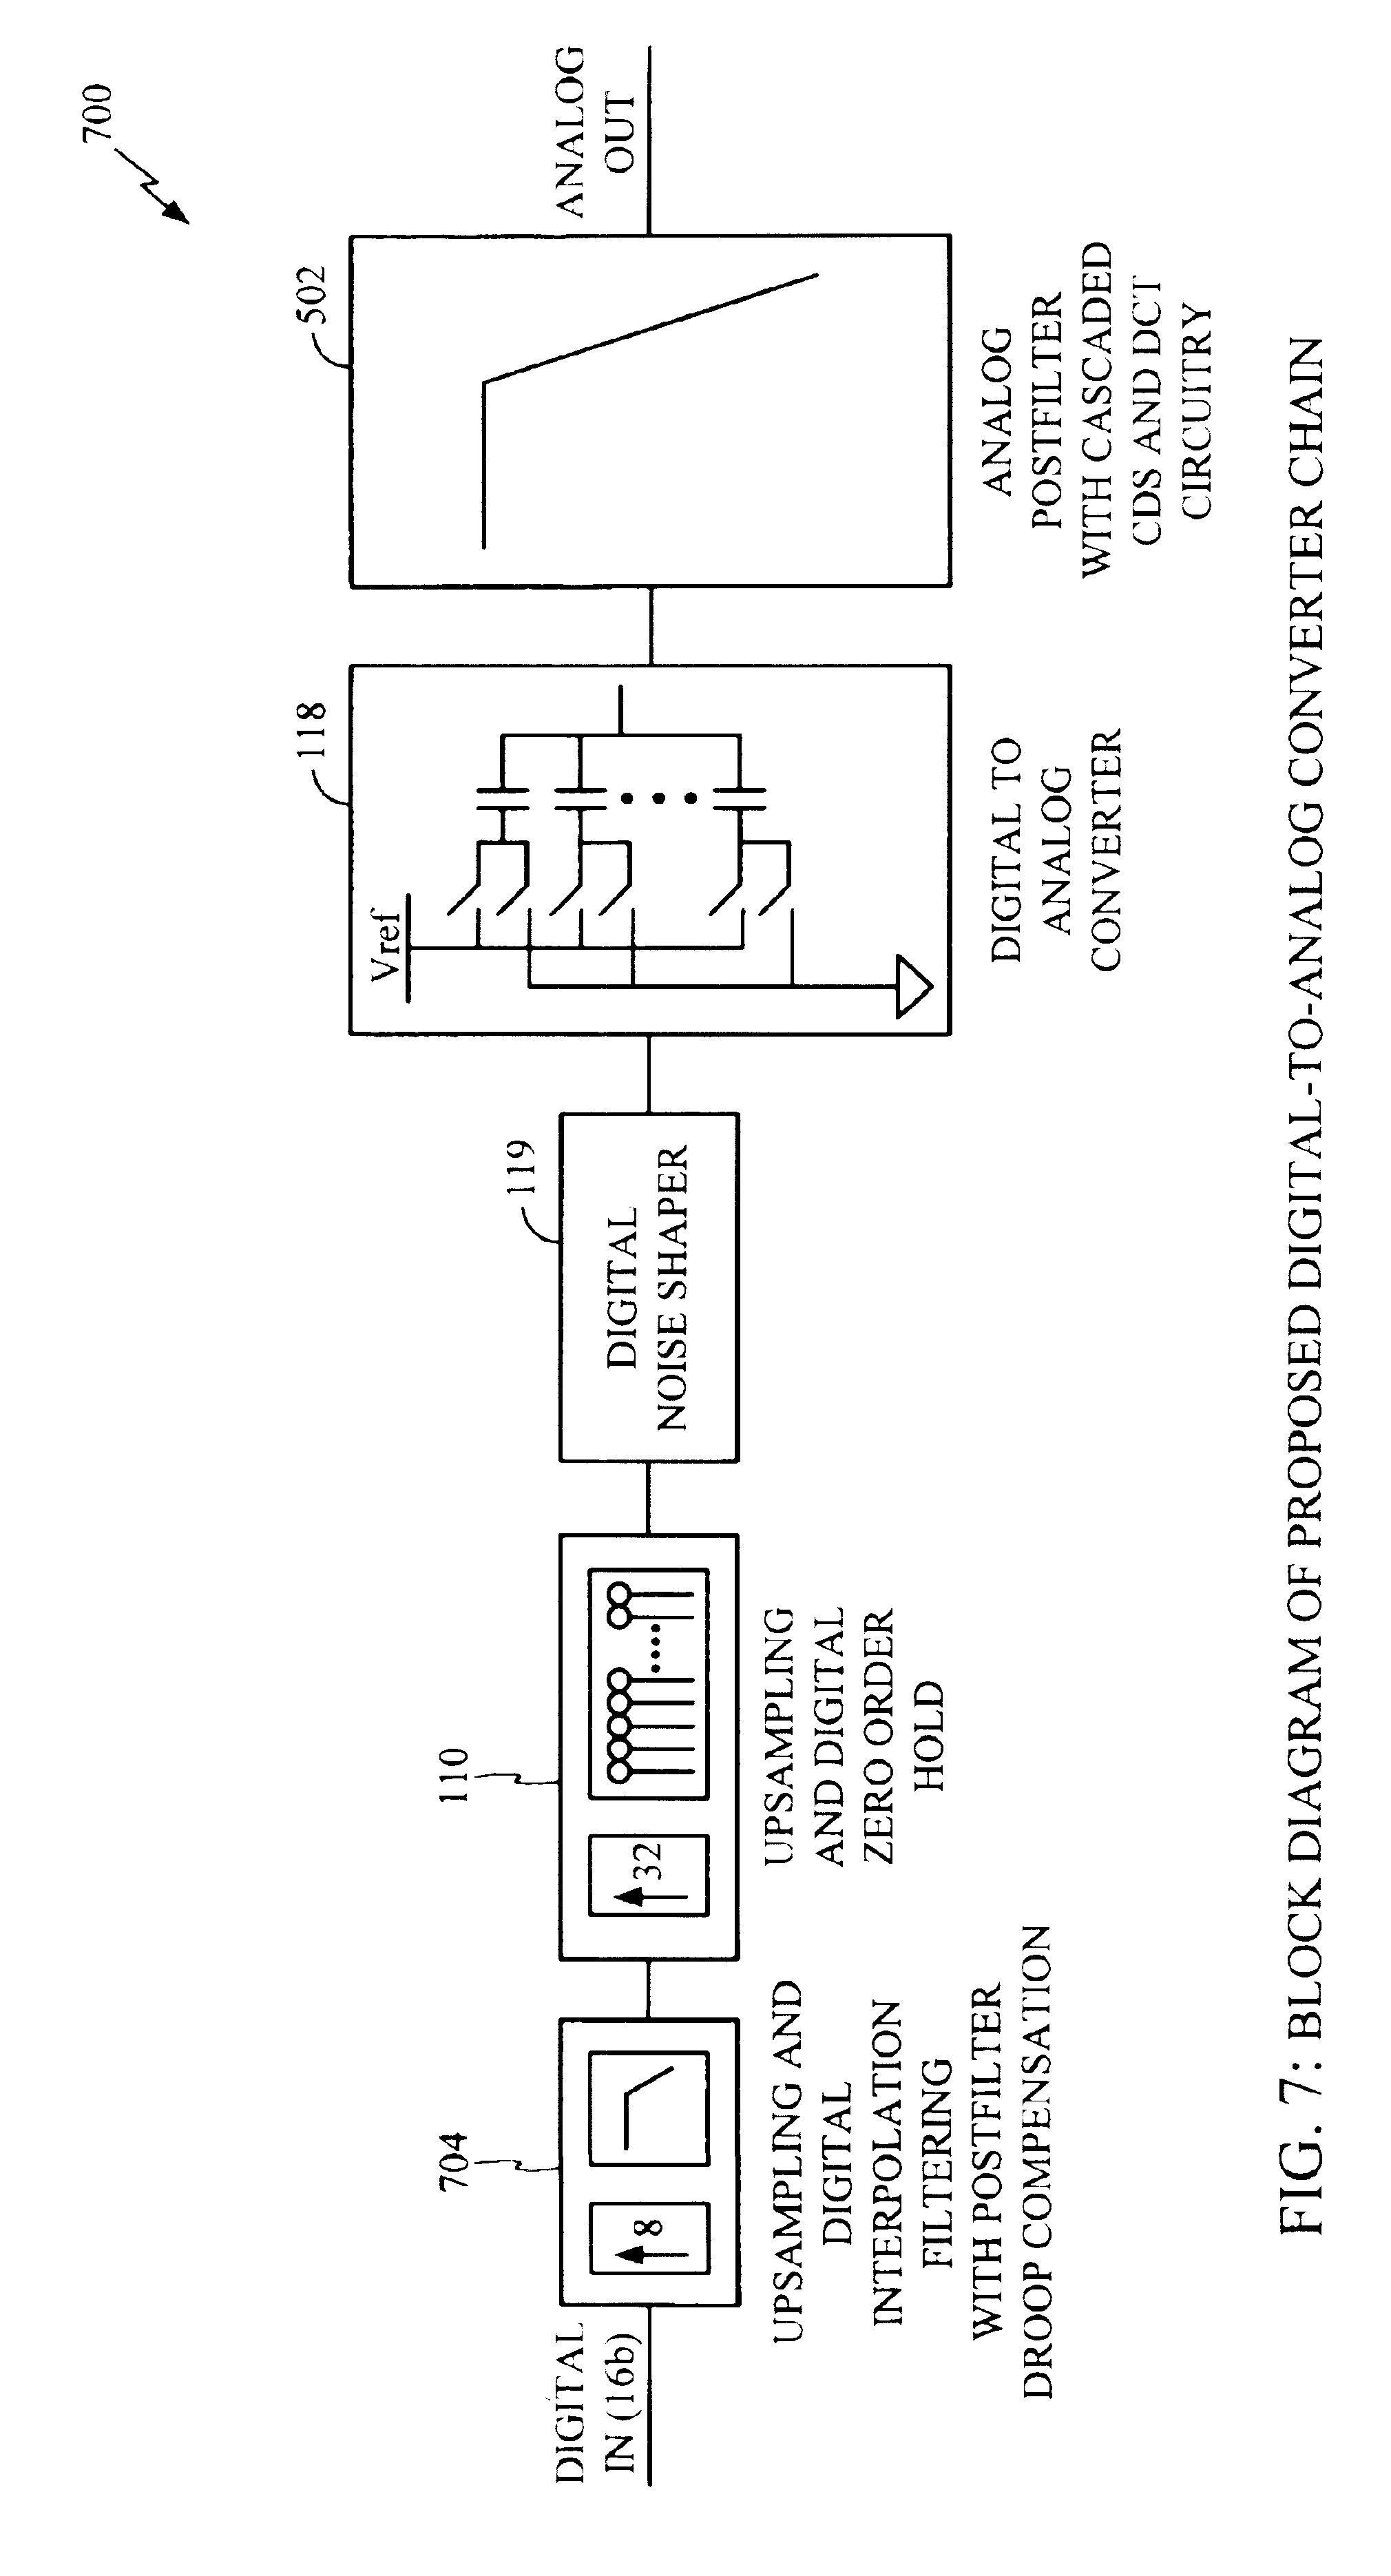 patent us6956515